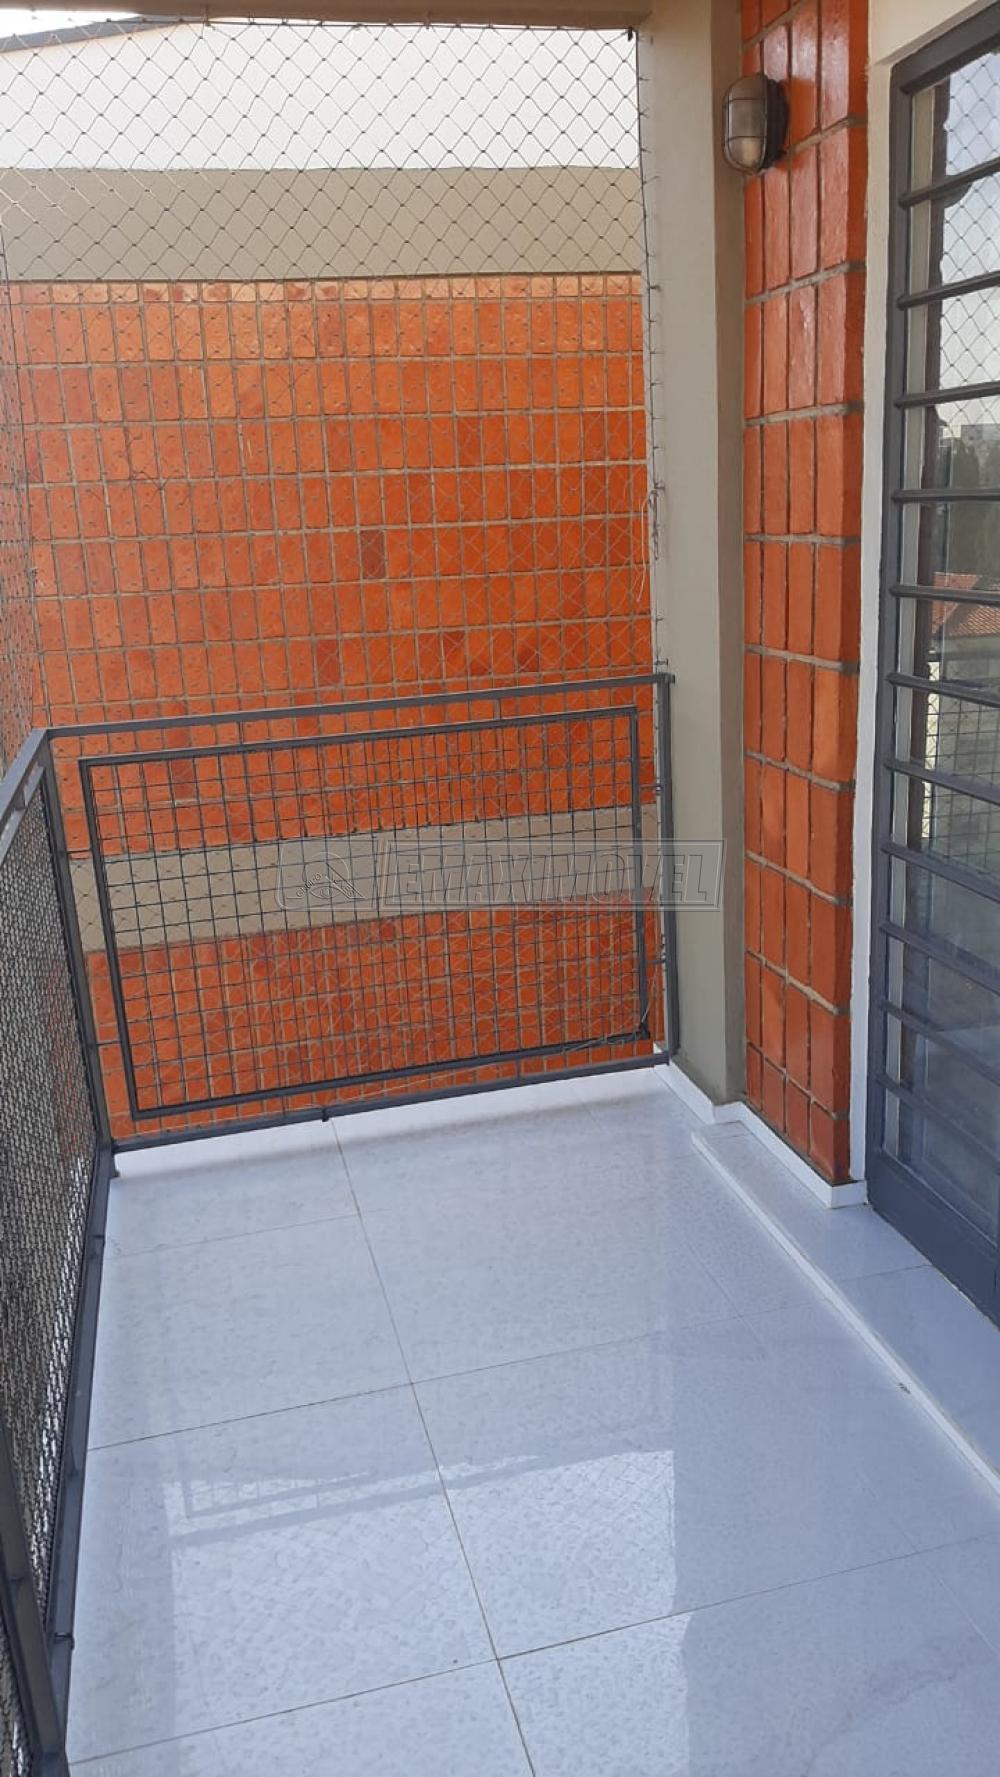 Comprar Apartamentos / Apto Padrão em Sorocaba apenas R$ 335.000,00 - Foto 7